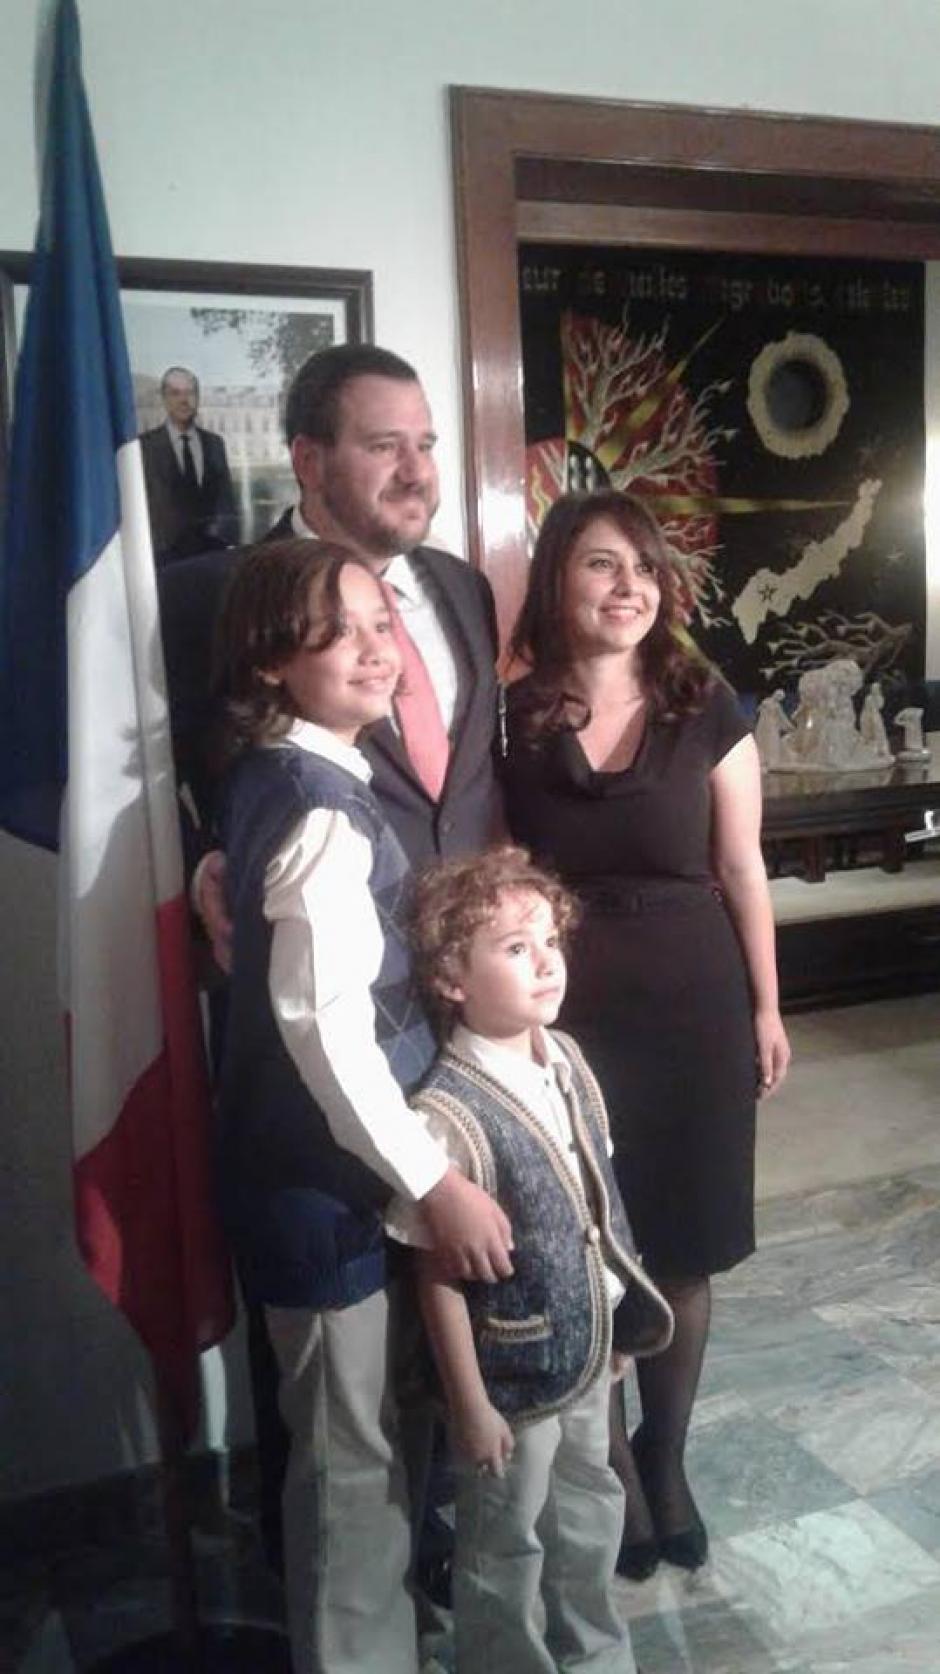 La familia disfruta este gran evento. (Foto: Embajada de Francia en Guatemala)